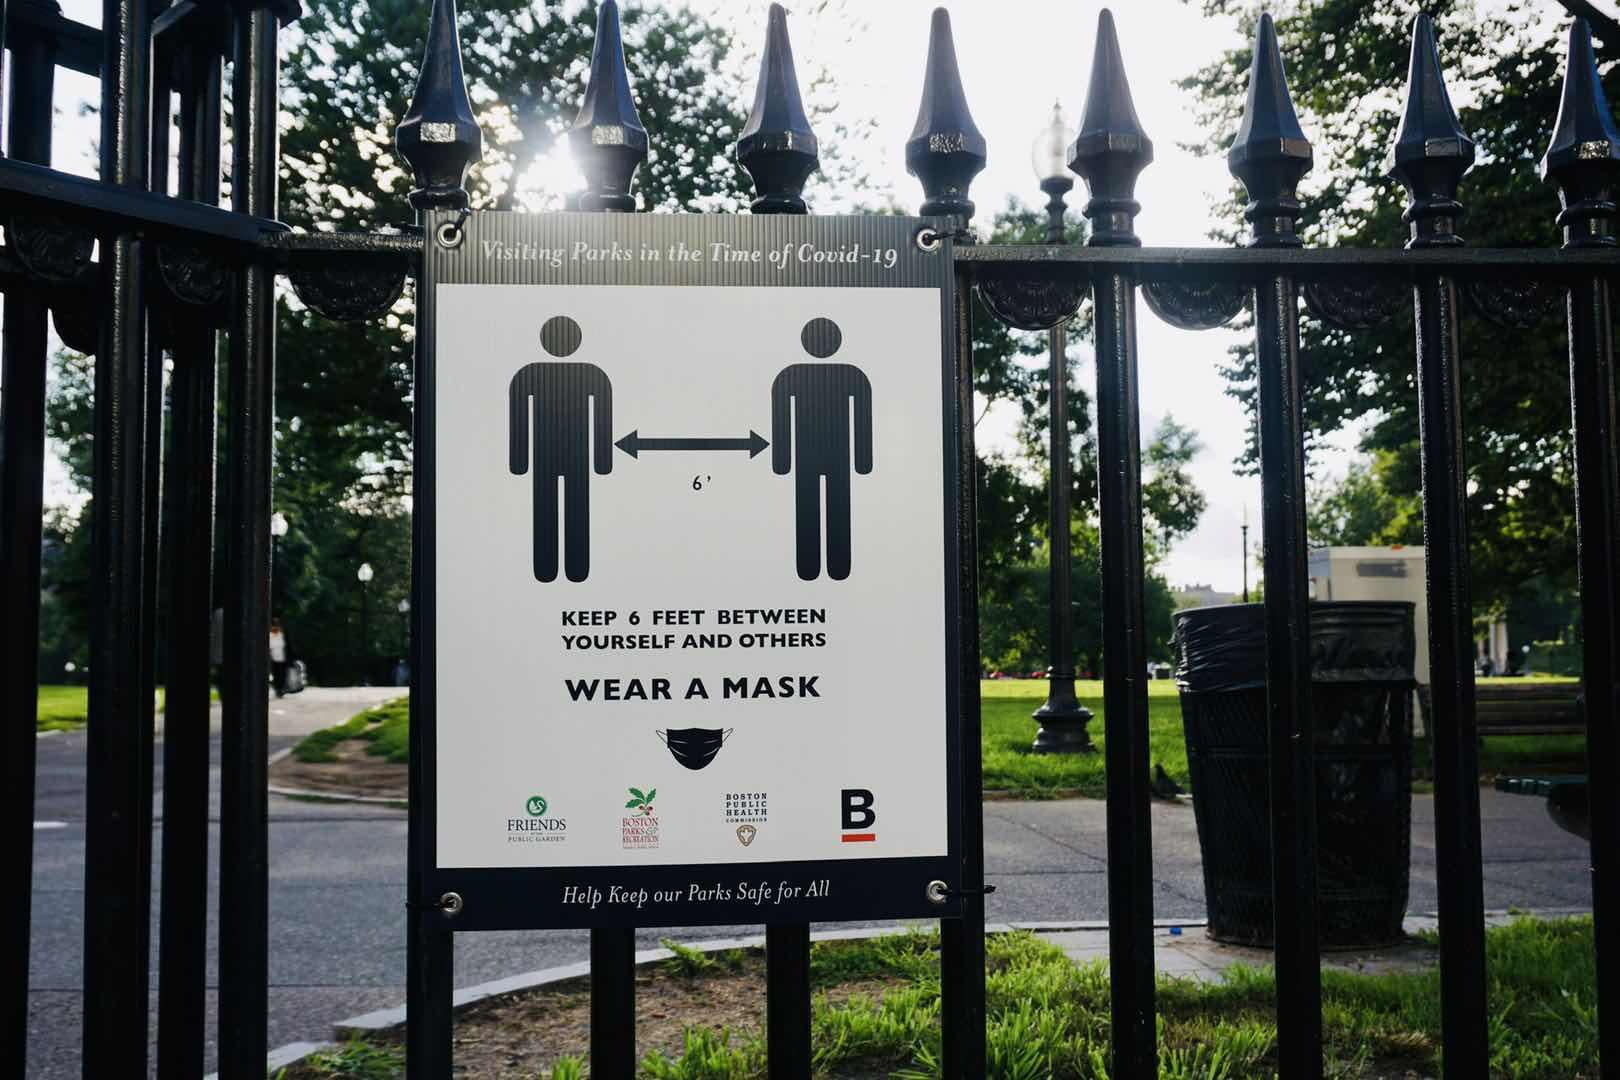 allbet欧博真人客户端:美国病毒专家:佩带口罩可以削减7万人的殒命